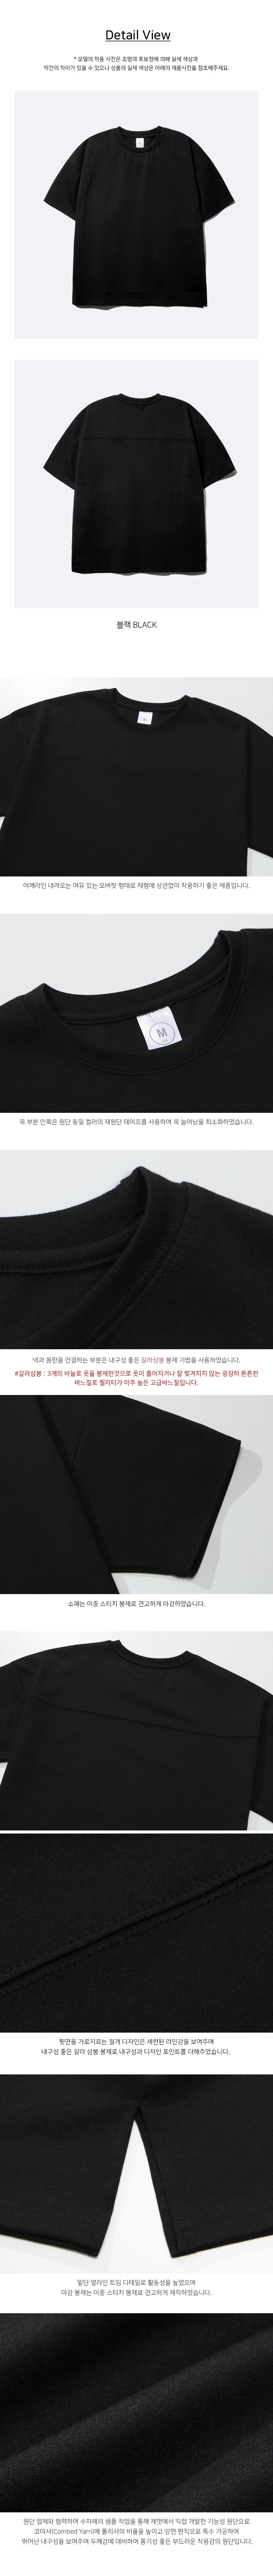 [제멋] 리마크 오버핏 반팔티셔츠 4종 HJST2223